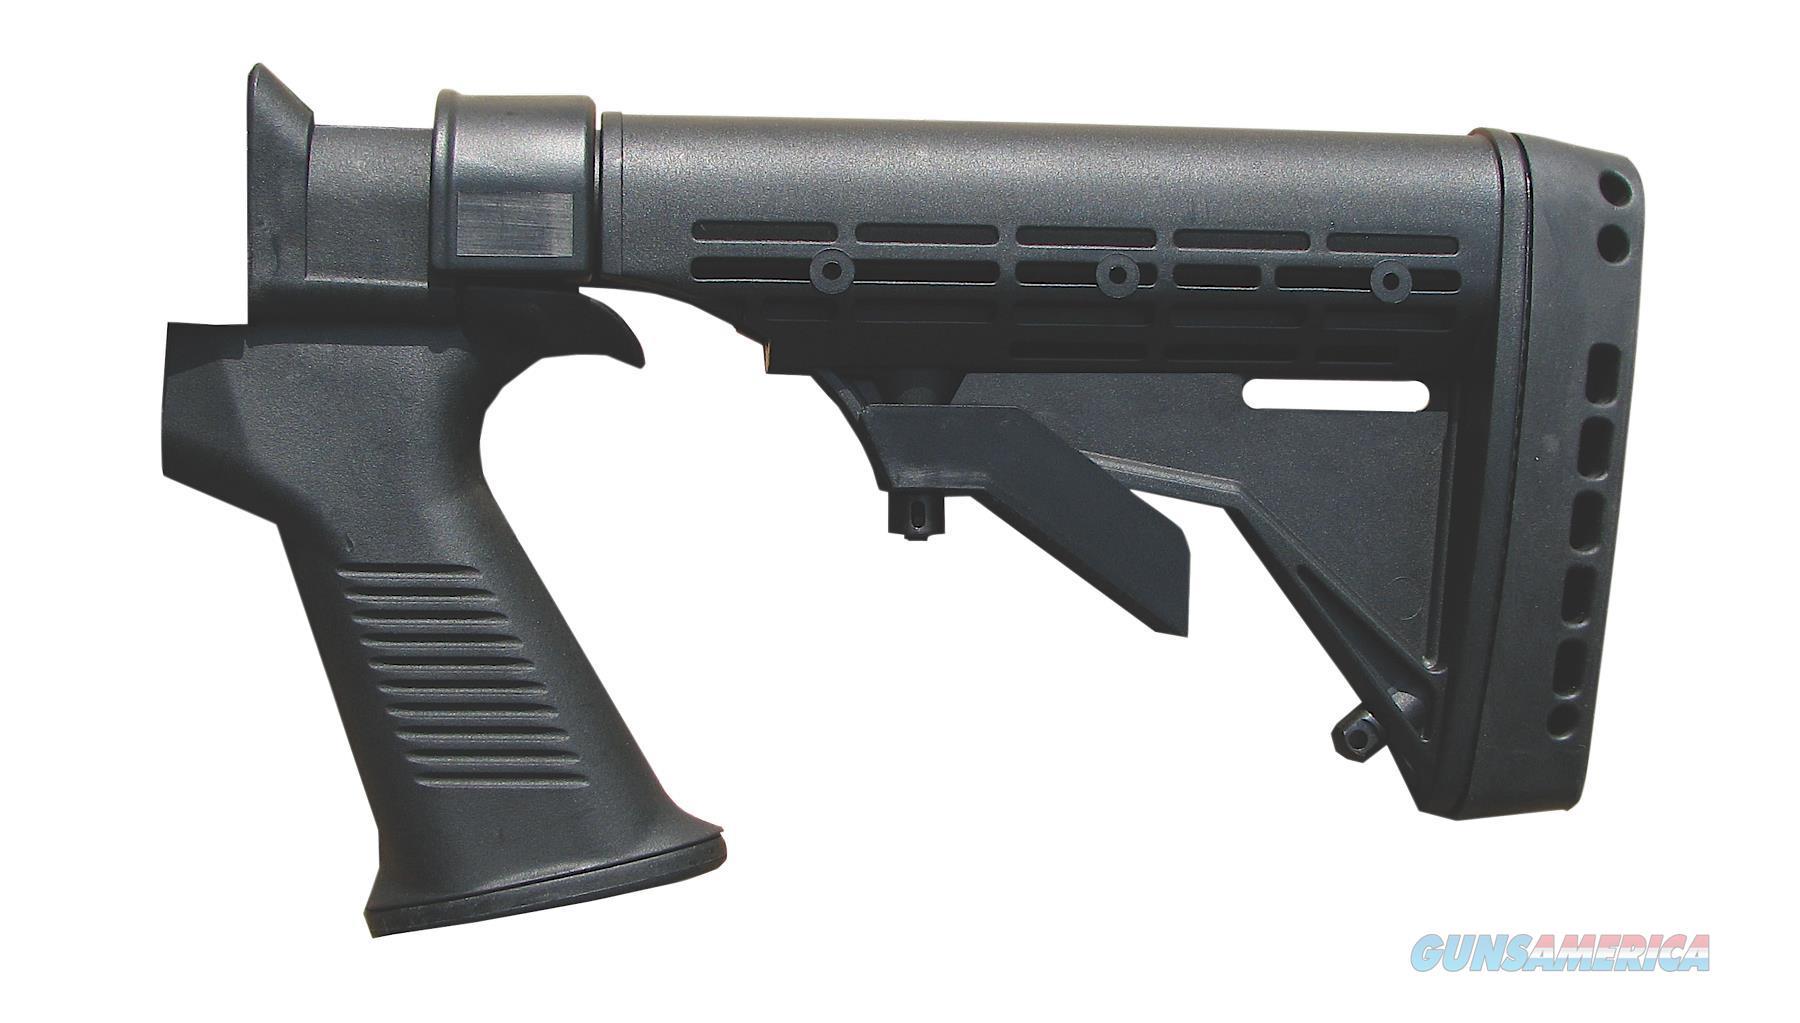 Phoenix Technology Klt004 Kicklite Shotgun Glass Filled Nylon Black KLT004  Non-Guns > Gunstocks, Grips & Wood